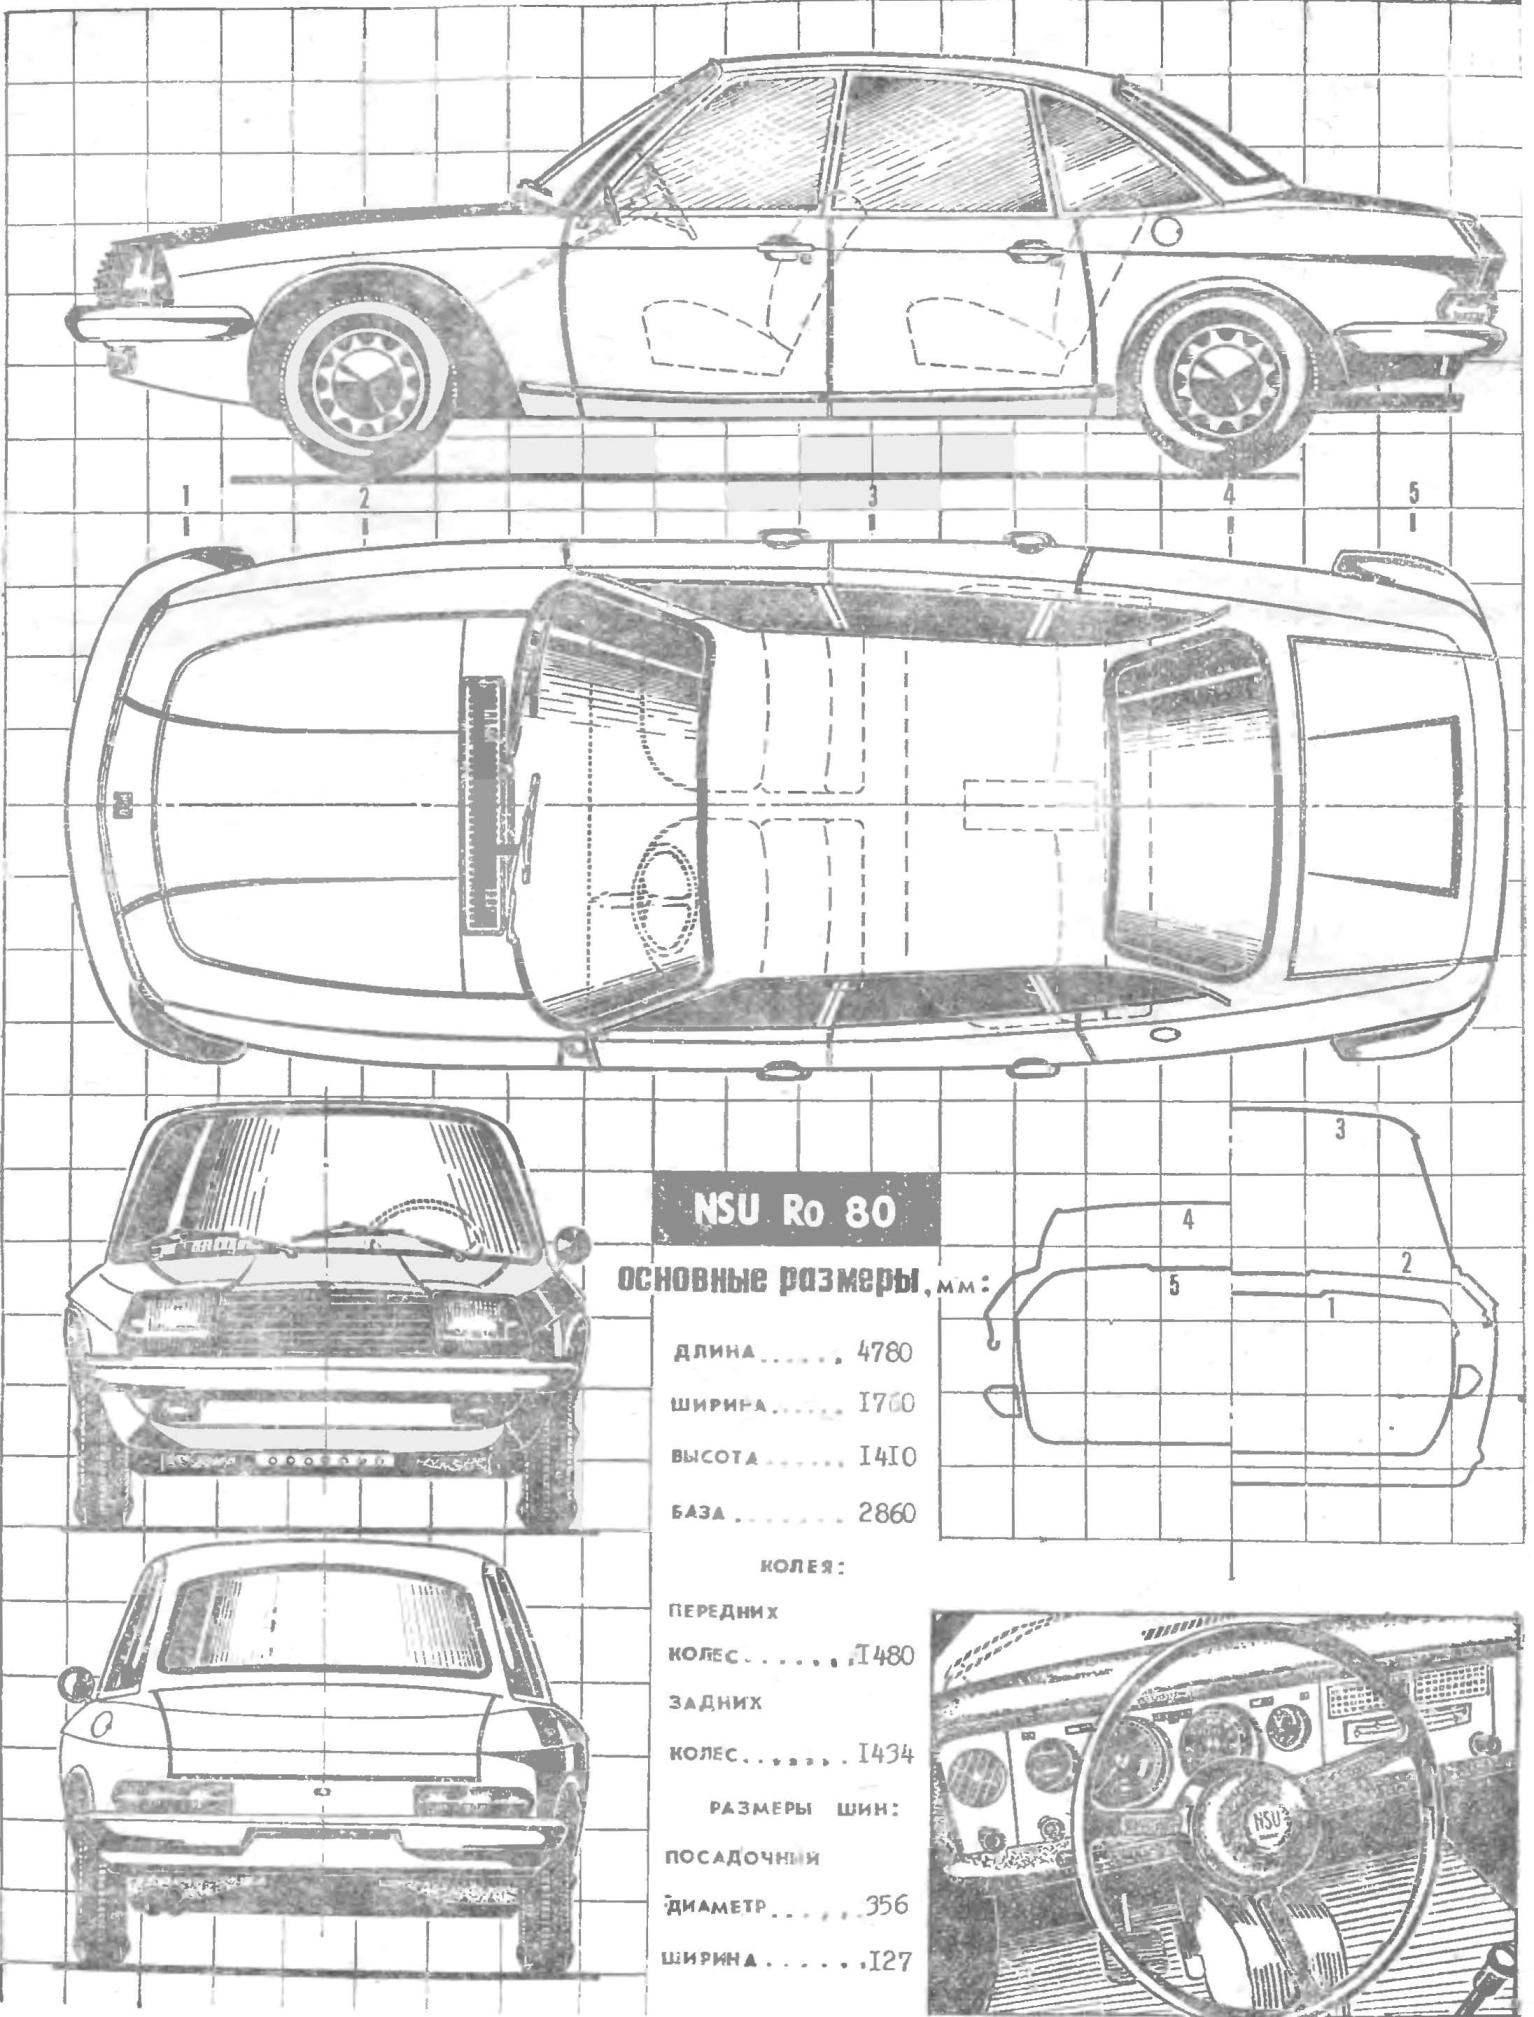 Легковой автомобиль НСУ Ро-80. Для масштаба 1 : 24 размеры клетки 10X10 мм.